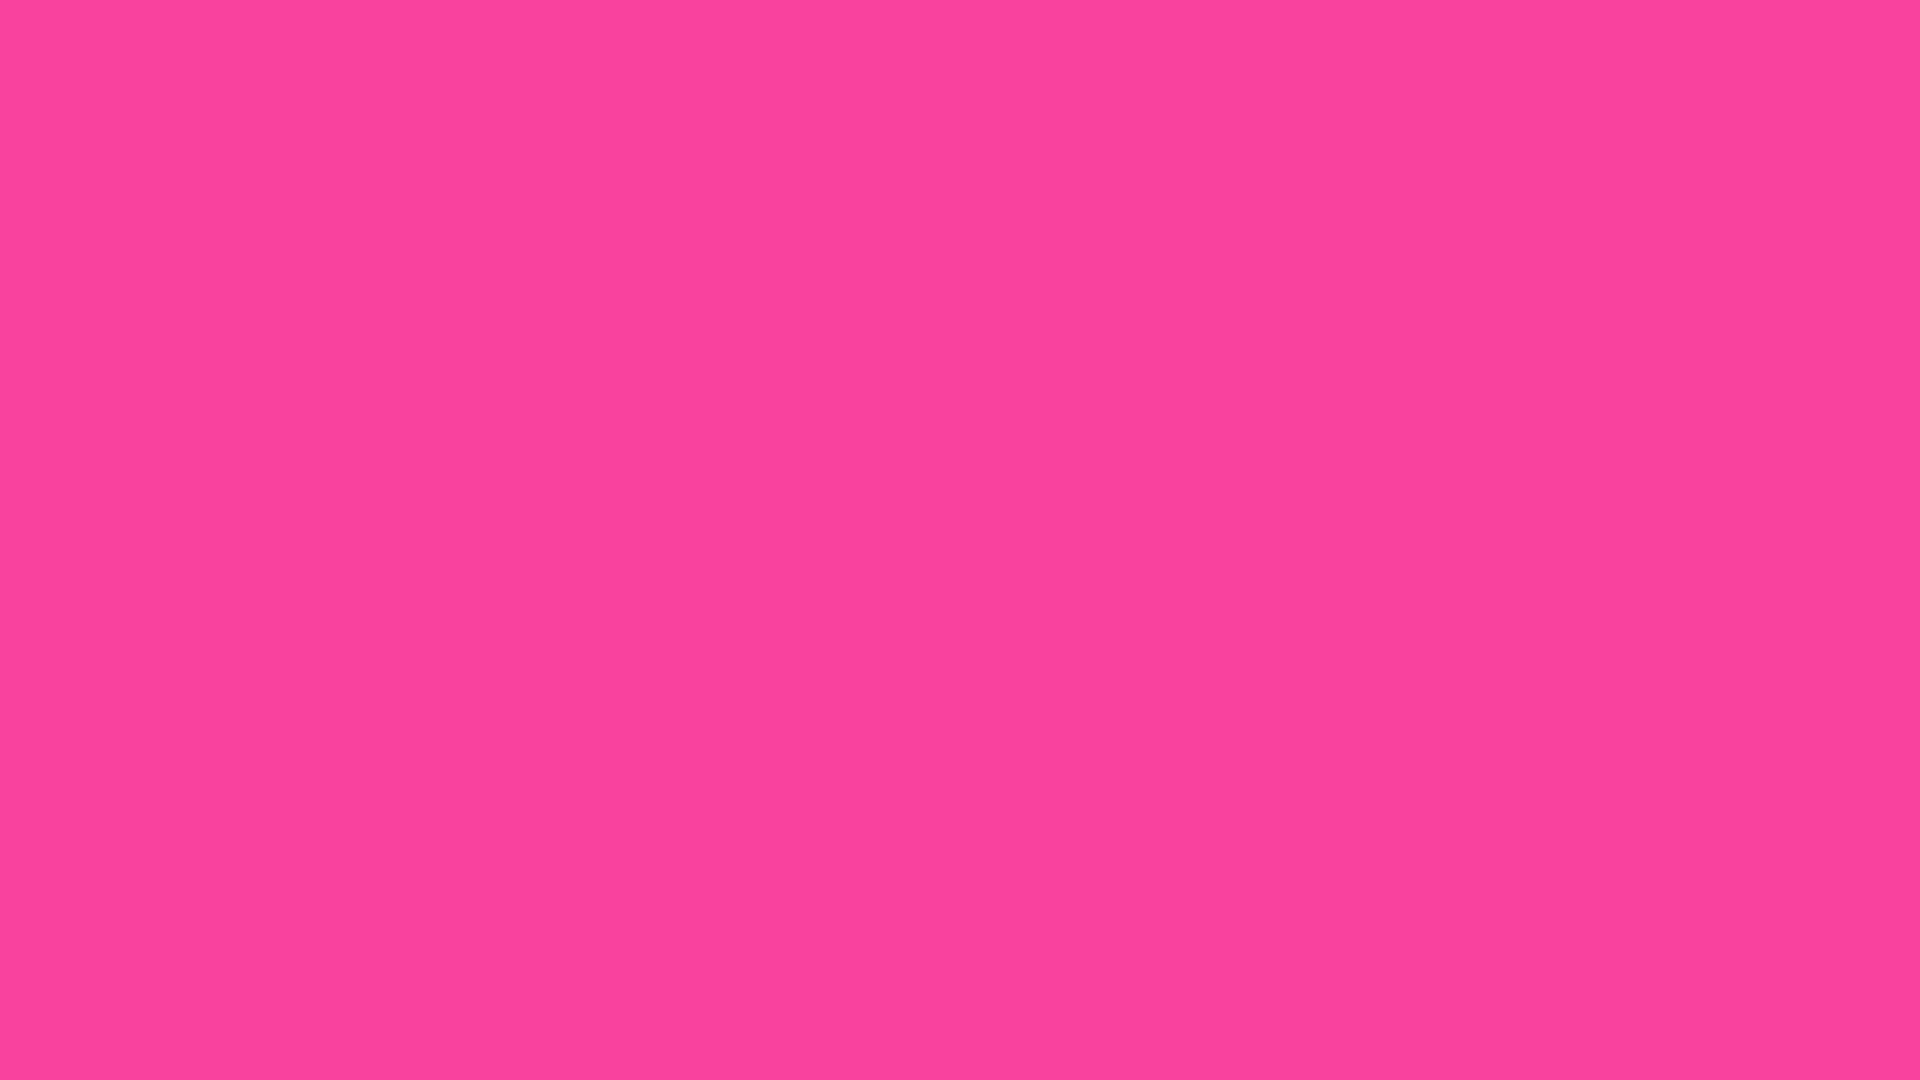 1920x1080 Rose Bonbon Solid Color Background